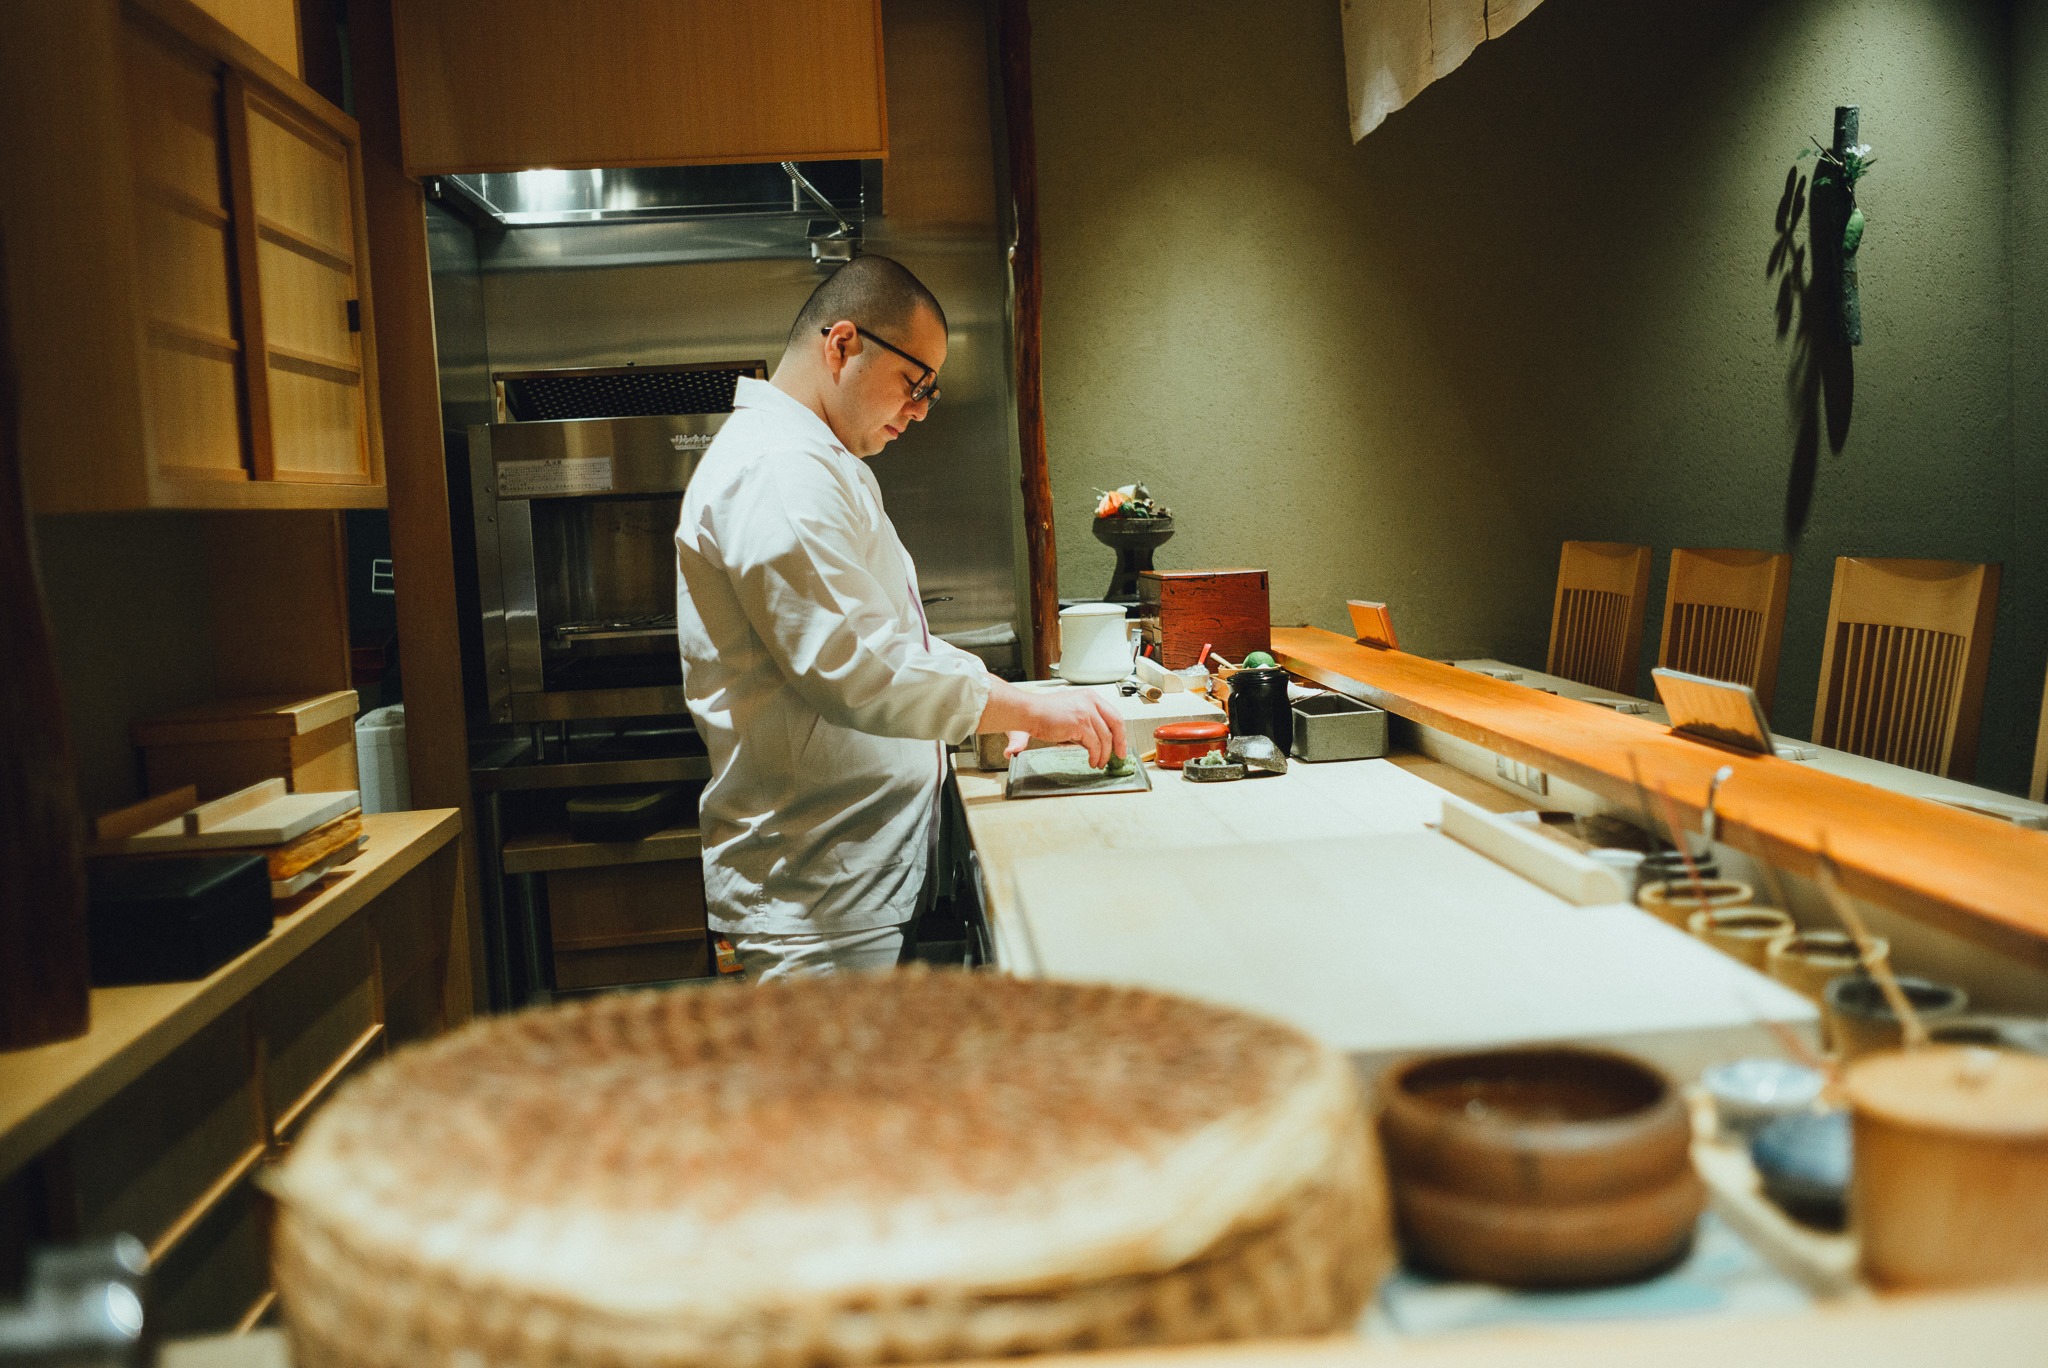 tokyo-travel-photographer-shin-sushi-wasabi-grating